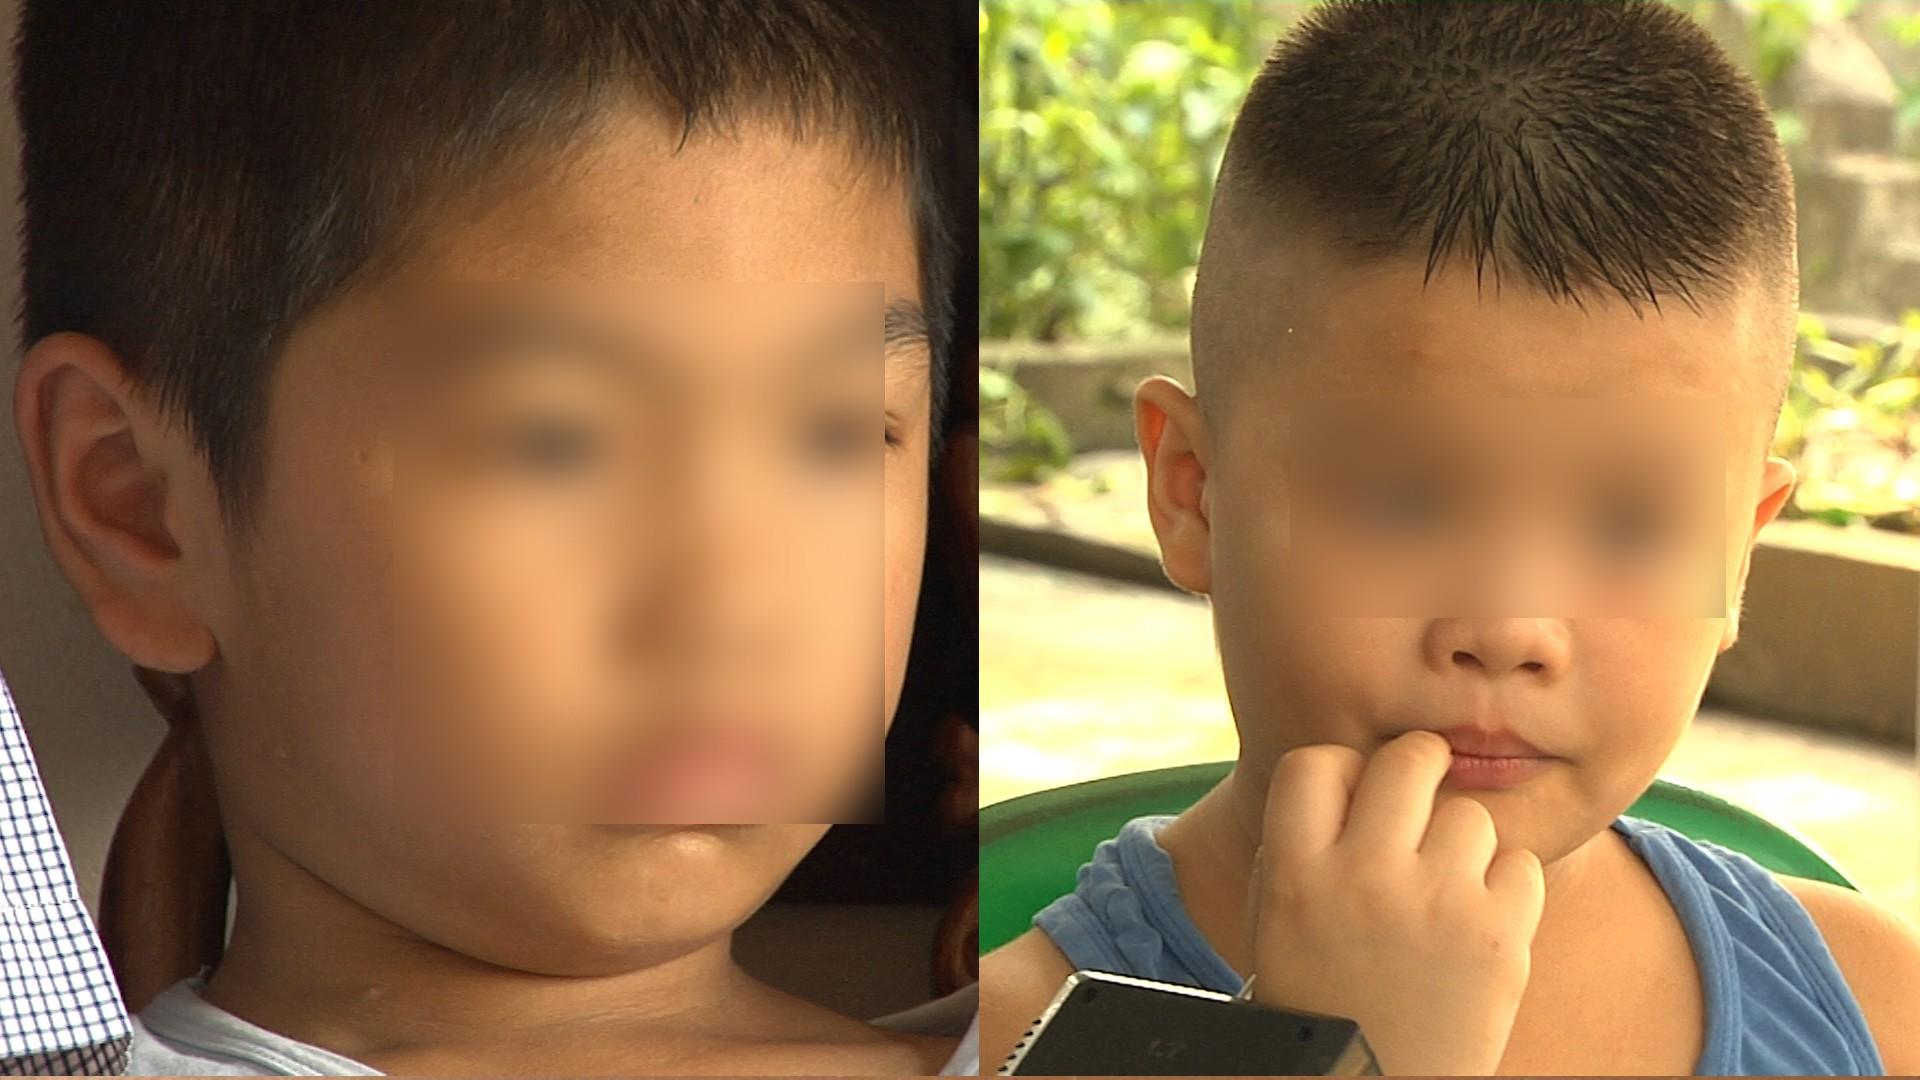 Vụ trao nhầm con ở bệnh viện Ba Vì: Hai gia đình thống nhất cho 2 bé về một nhà để cùng đi học - Ảnh 2.